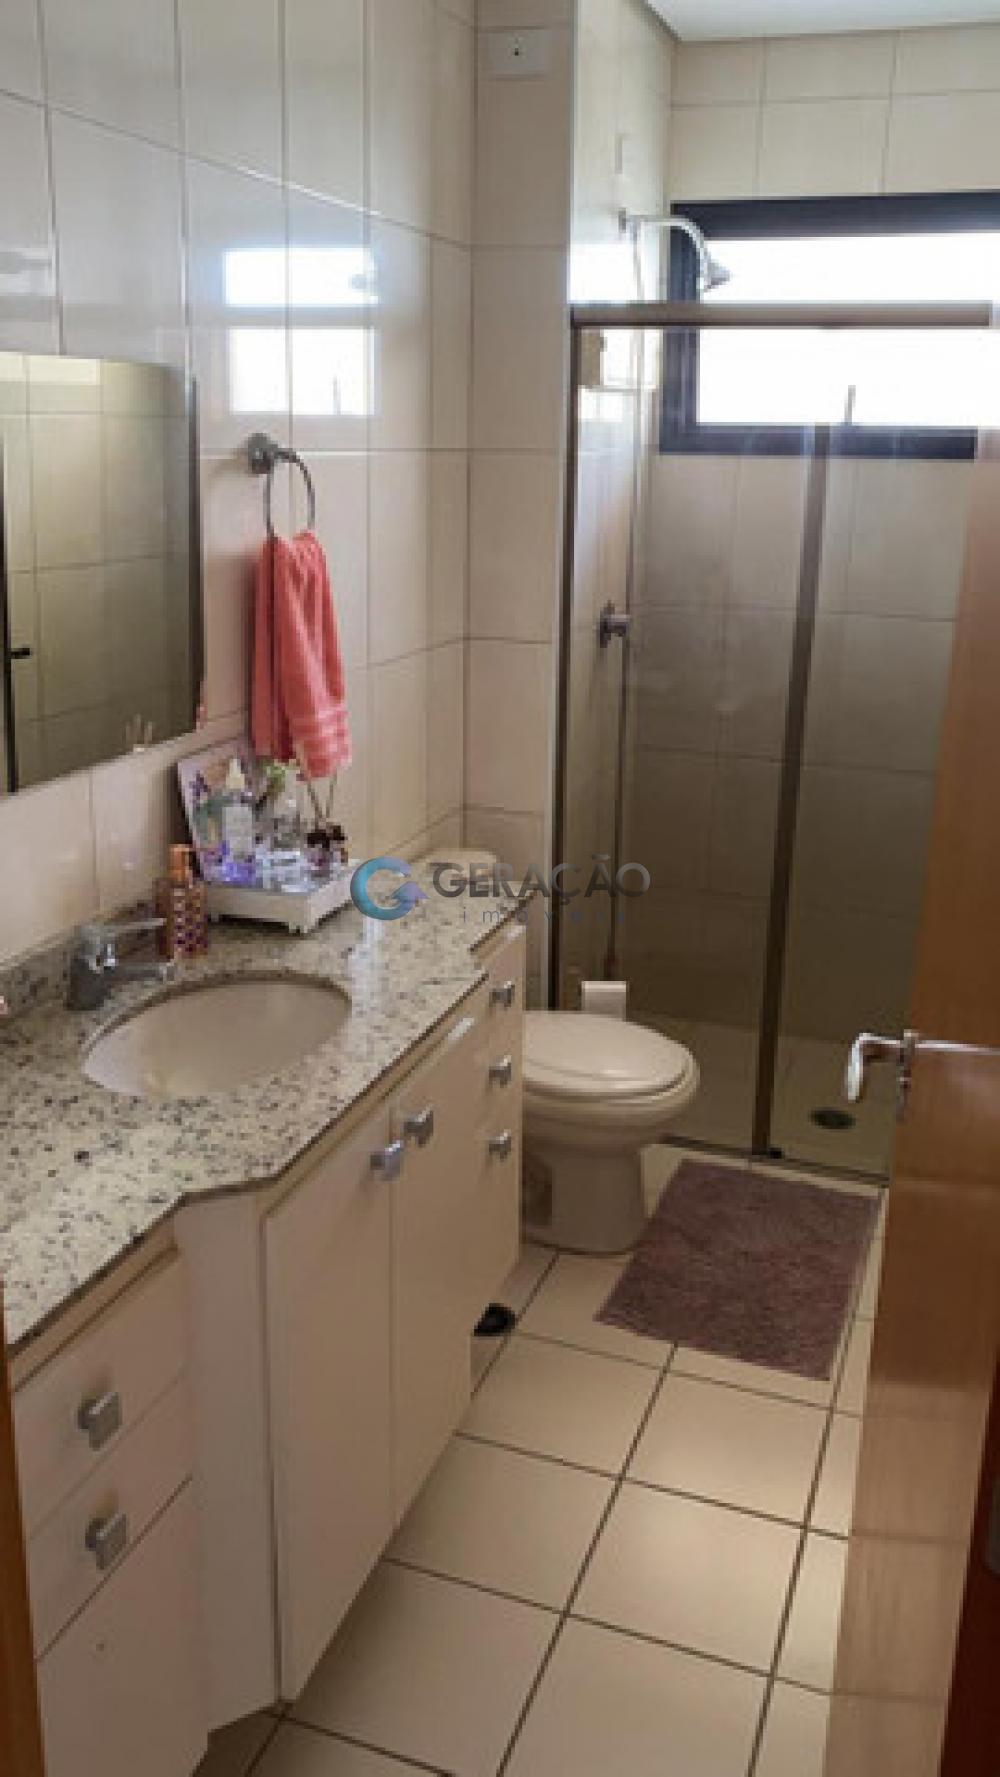 Comprar Apartamento / Padrão em São José dos Campos apenas R$ 750.000,00 - Foto 10